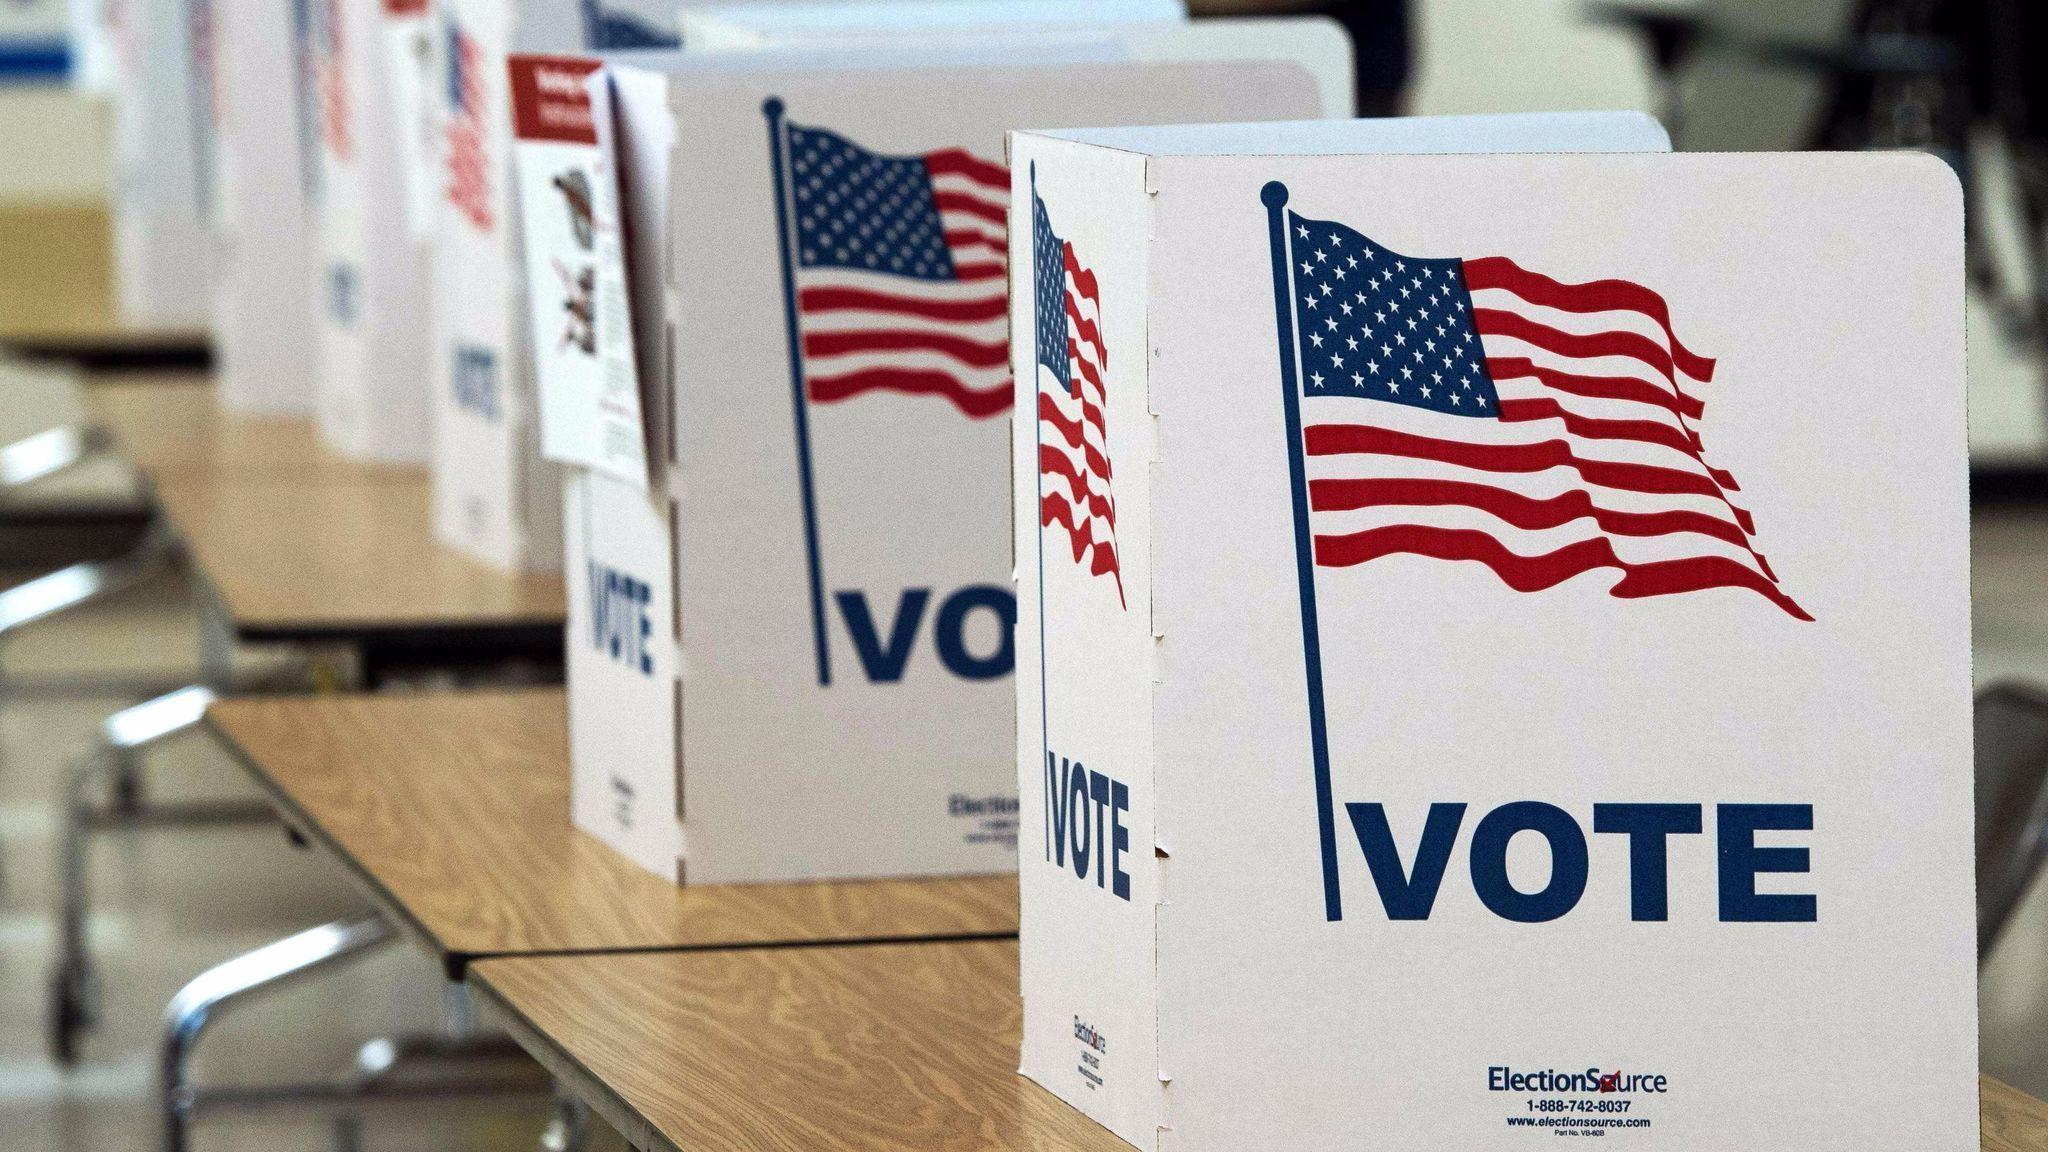 Sun Non-citizens Baltimore Elections In College Vote Allow Local - To Park Will